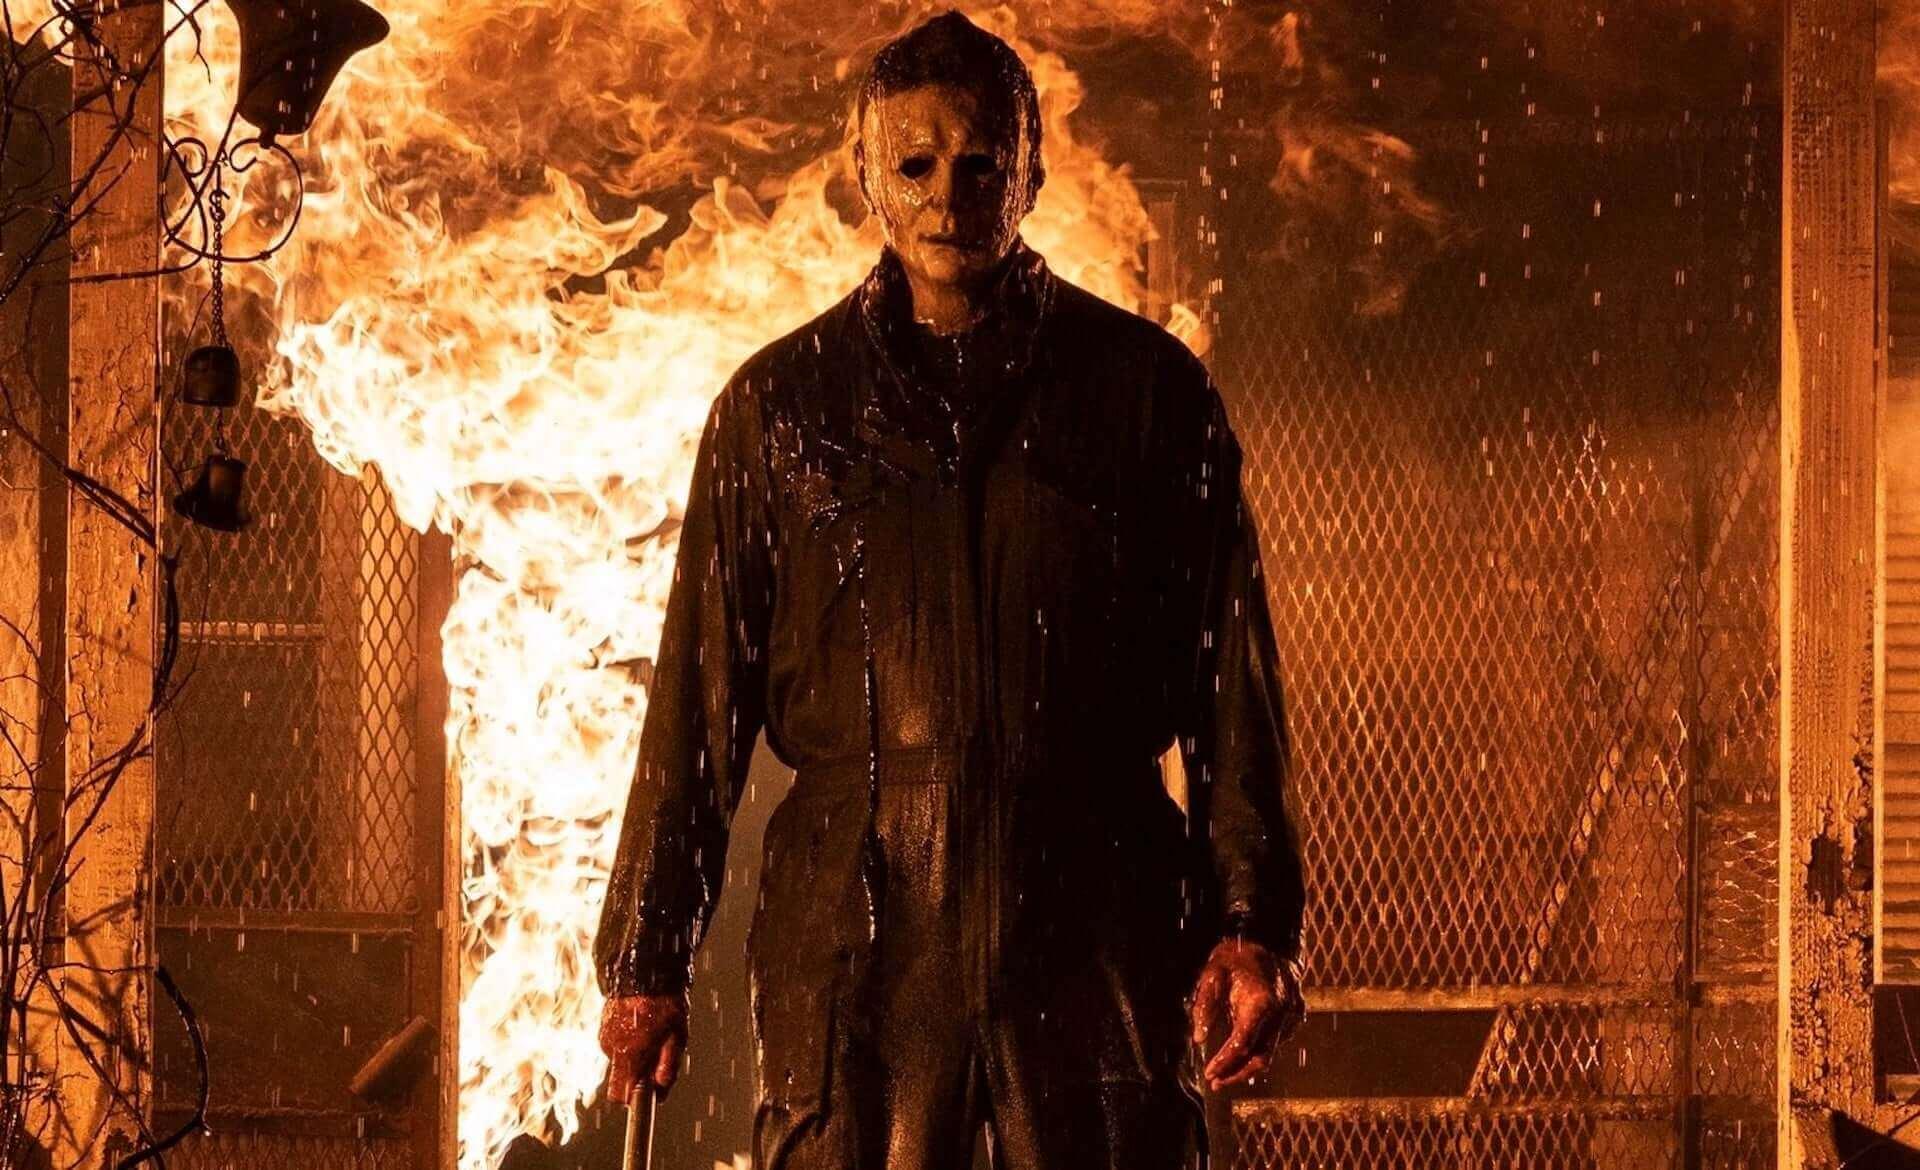 マイケル・マイヤーズのマスクがついに剥がされる!?『ハロウィン KILLS』最終予告が解禁 film210928_halloweenkills_4